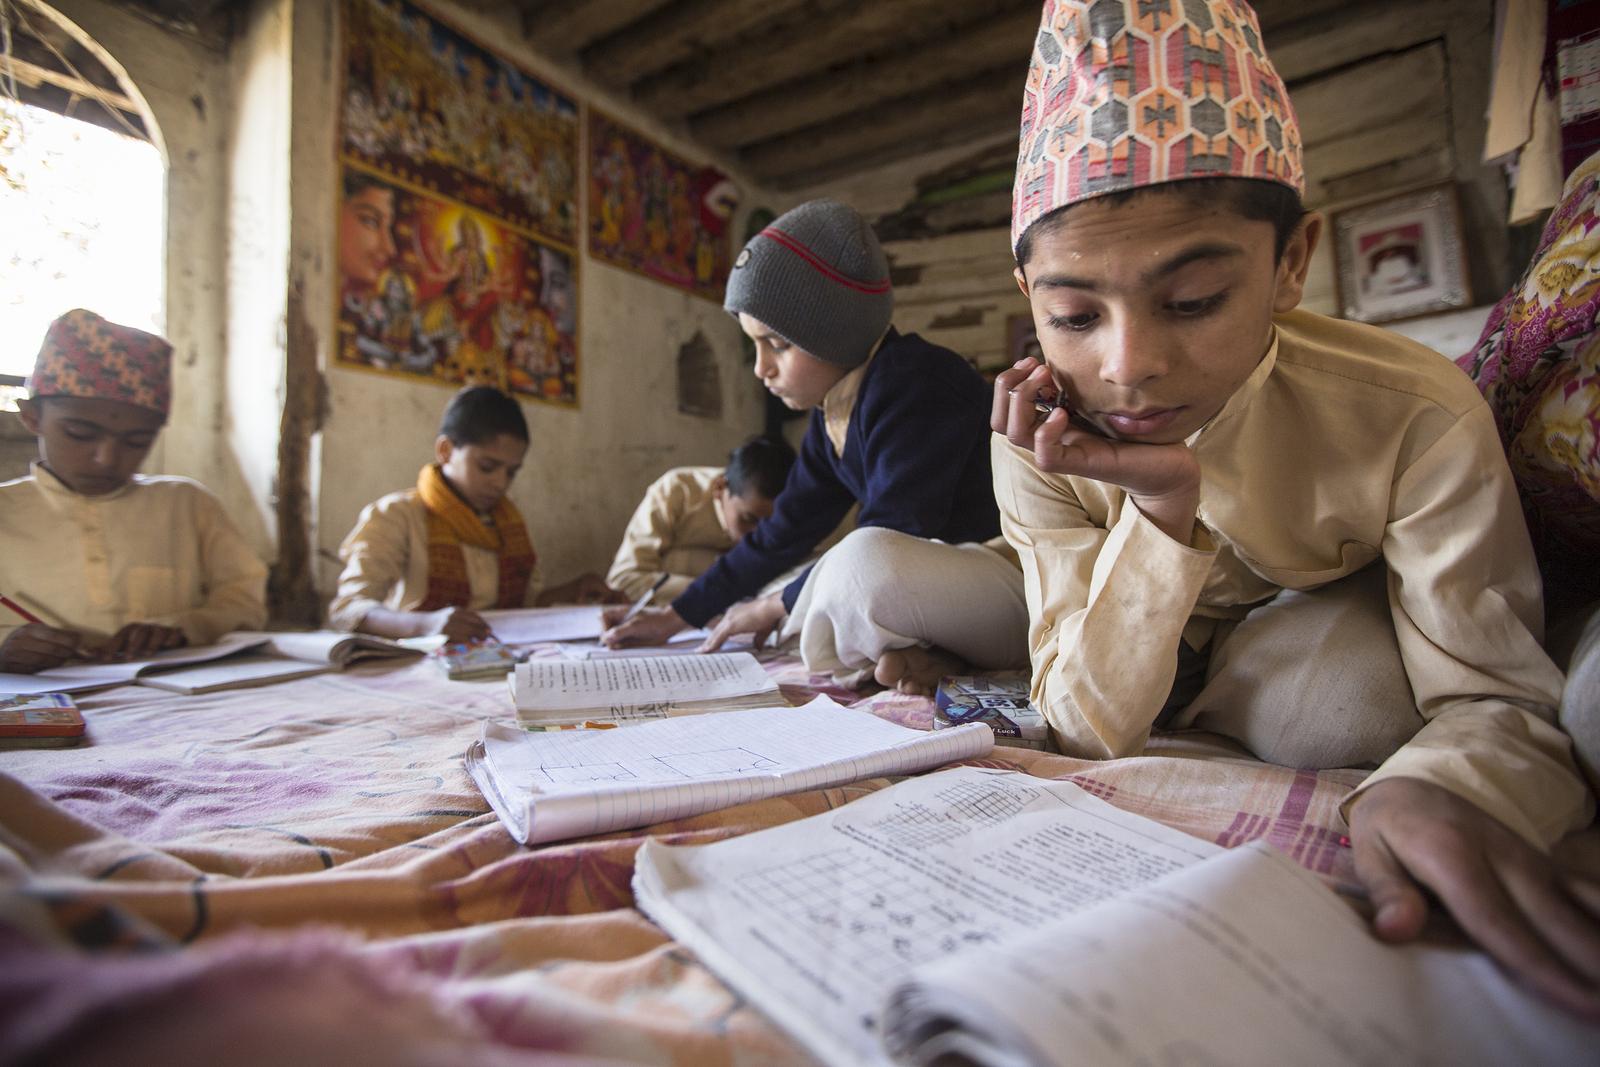 Here's a snapshot of what homework looks like around the world.